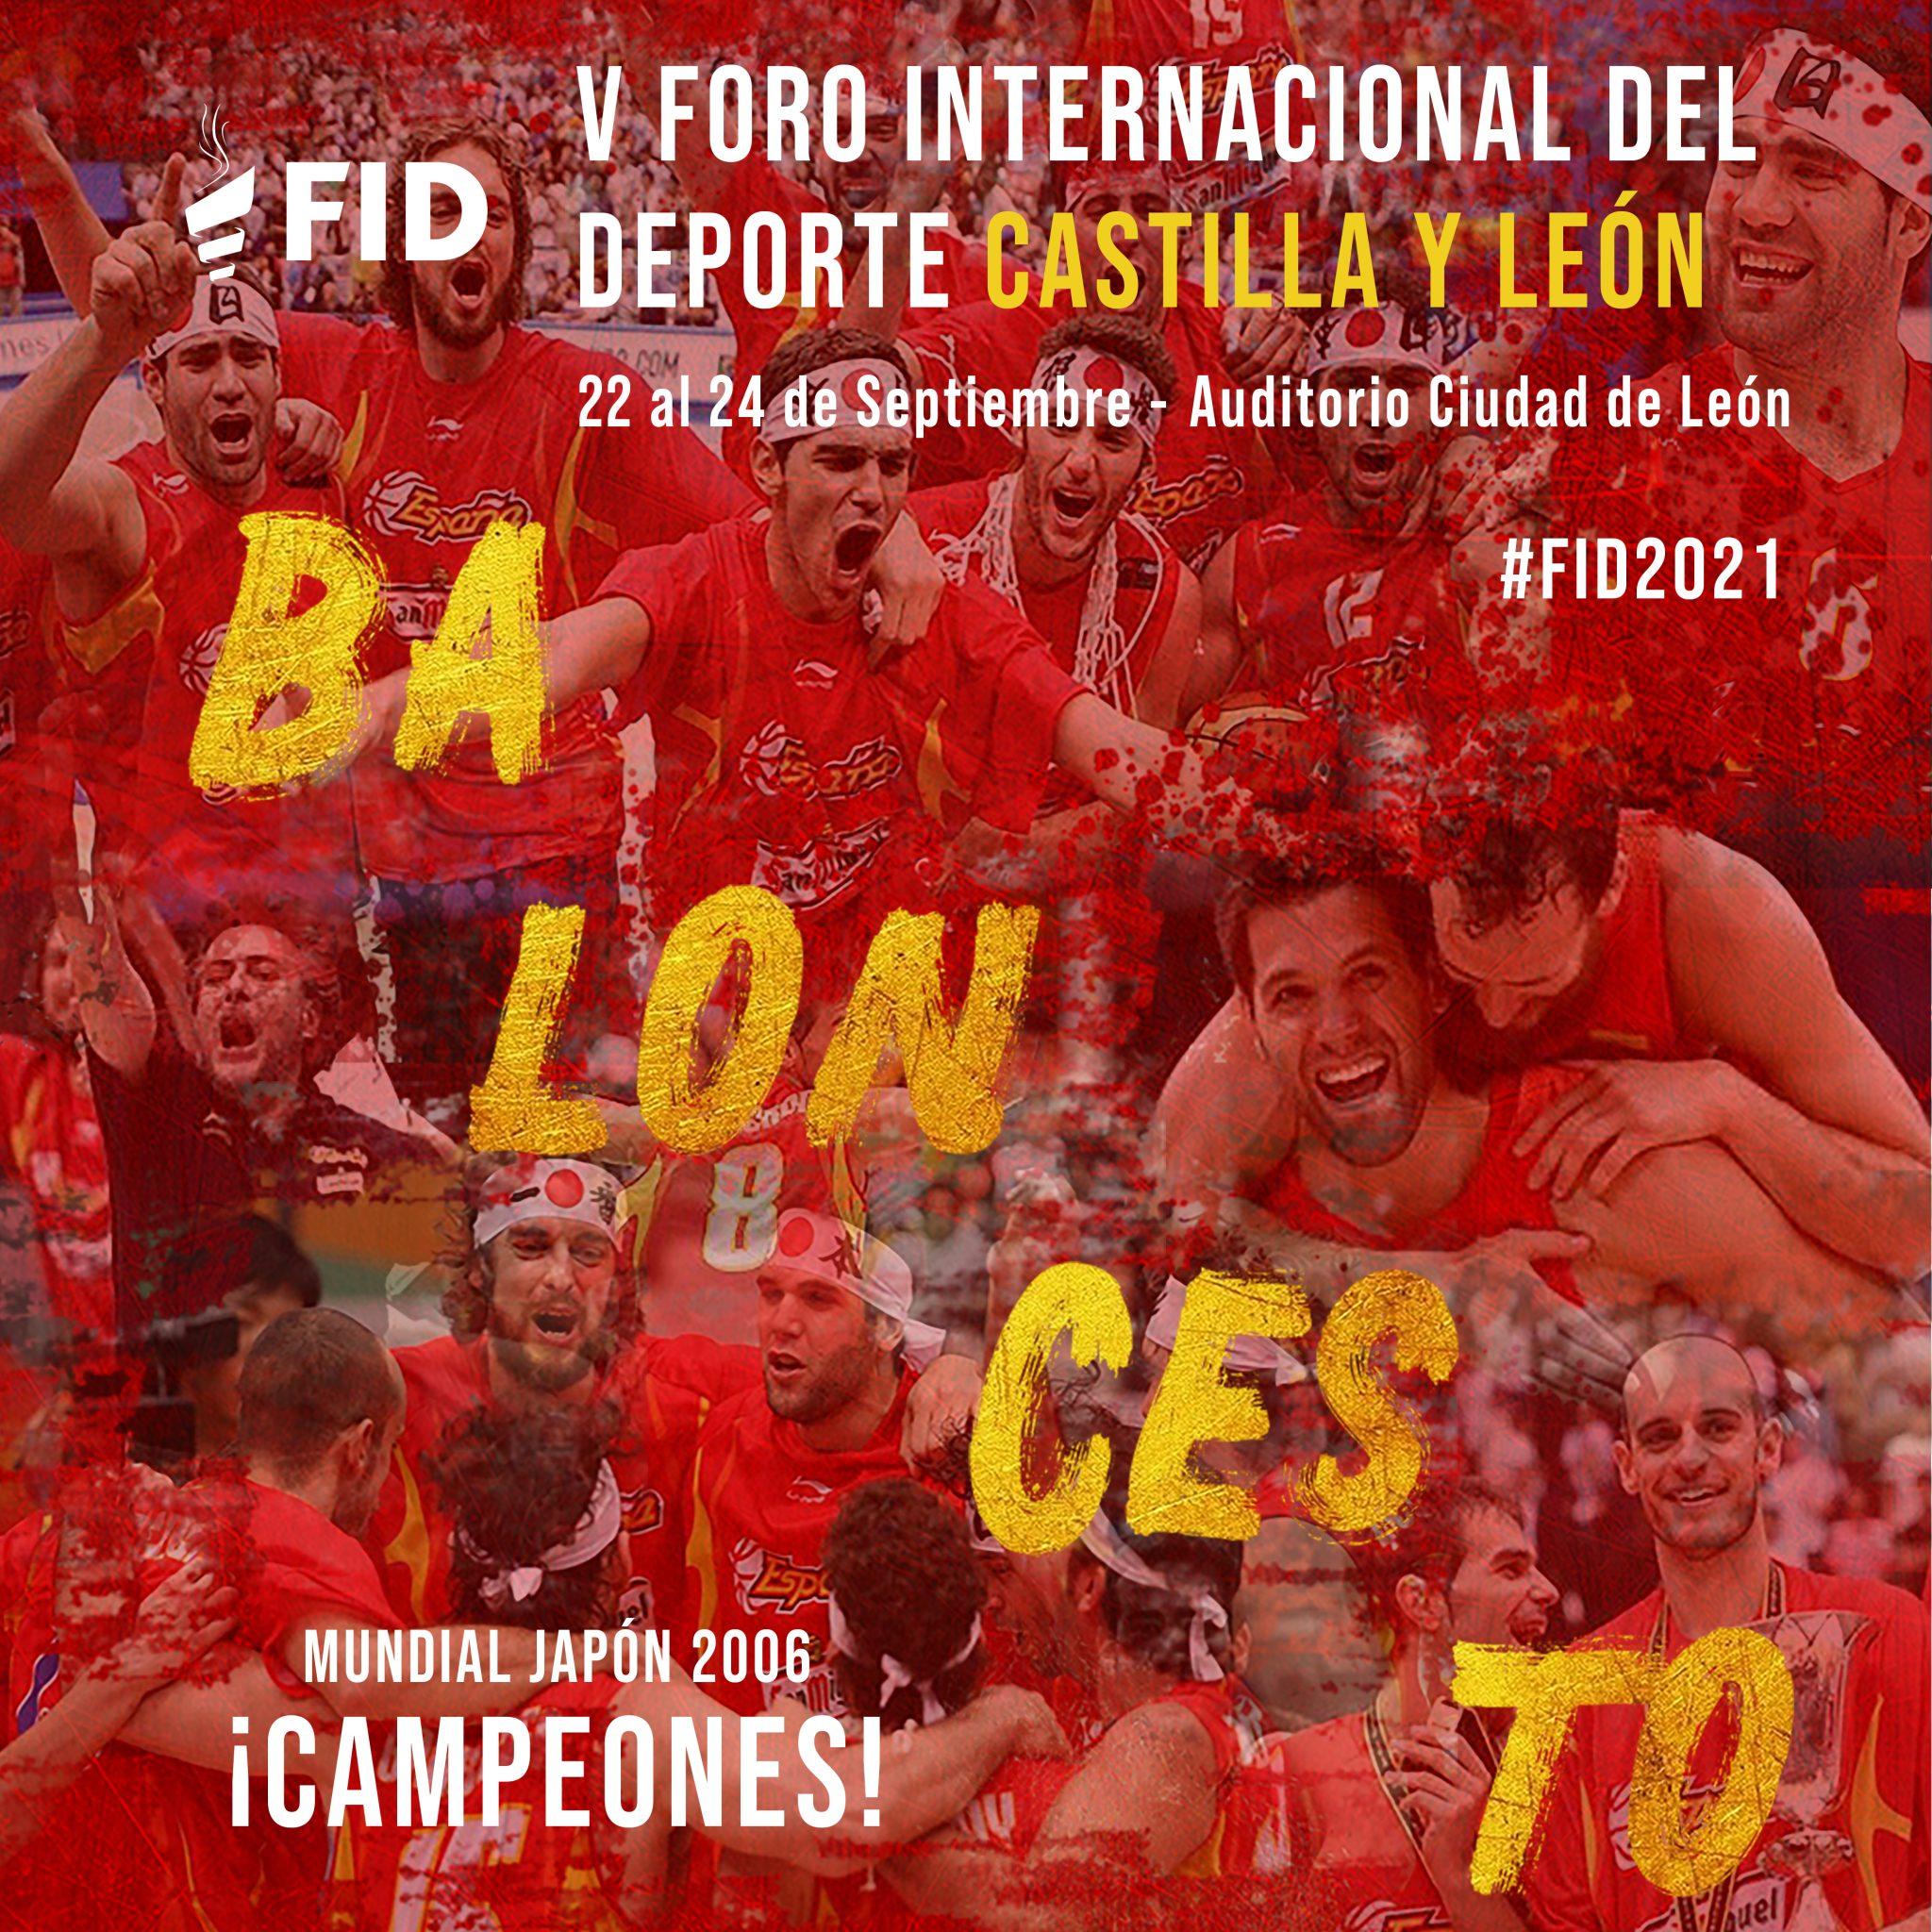 Cita imperdible: Homenaje a los campeones del mundo este viernes en León